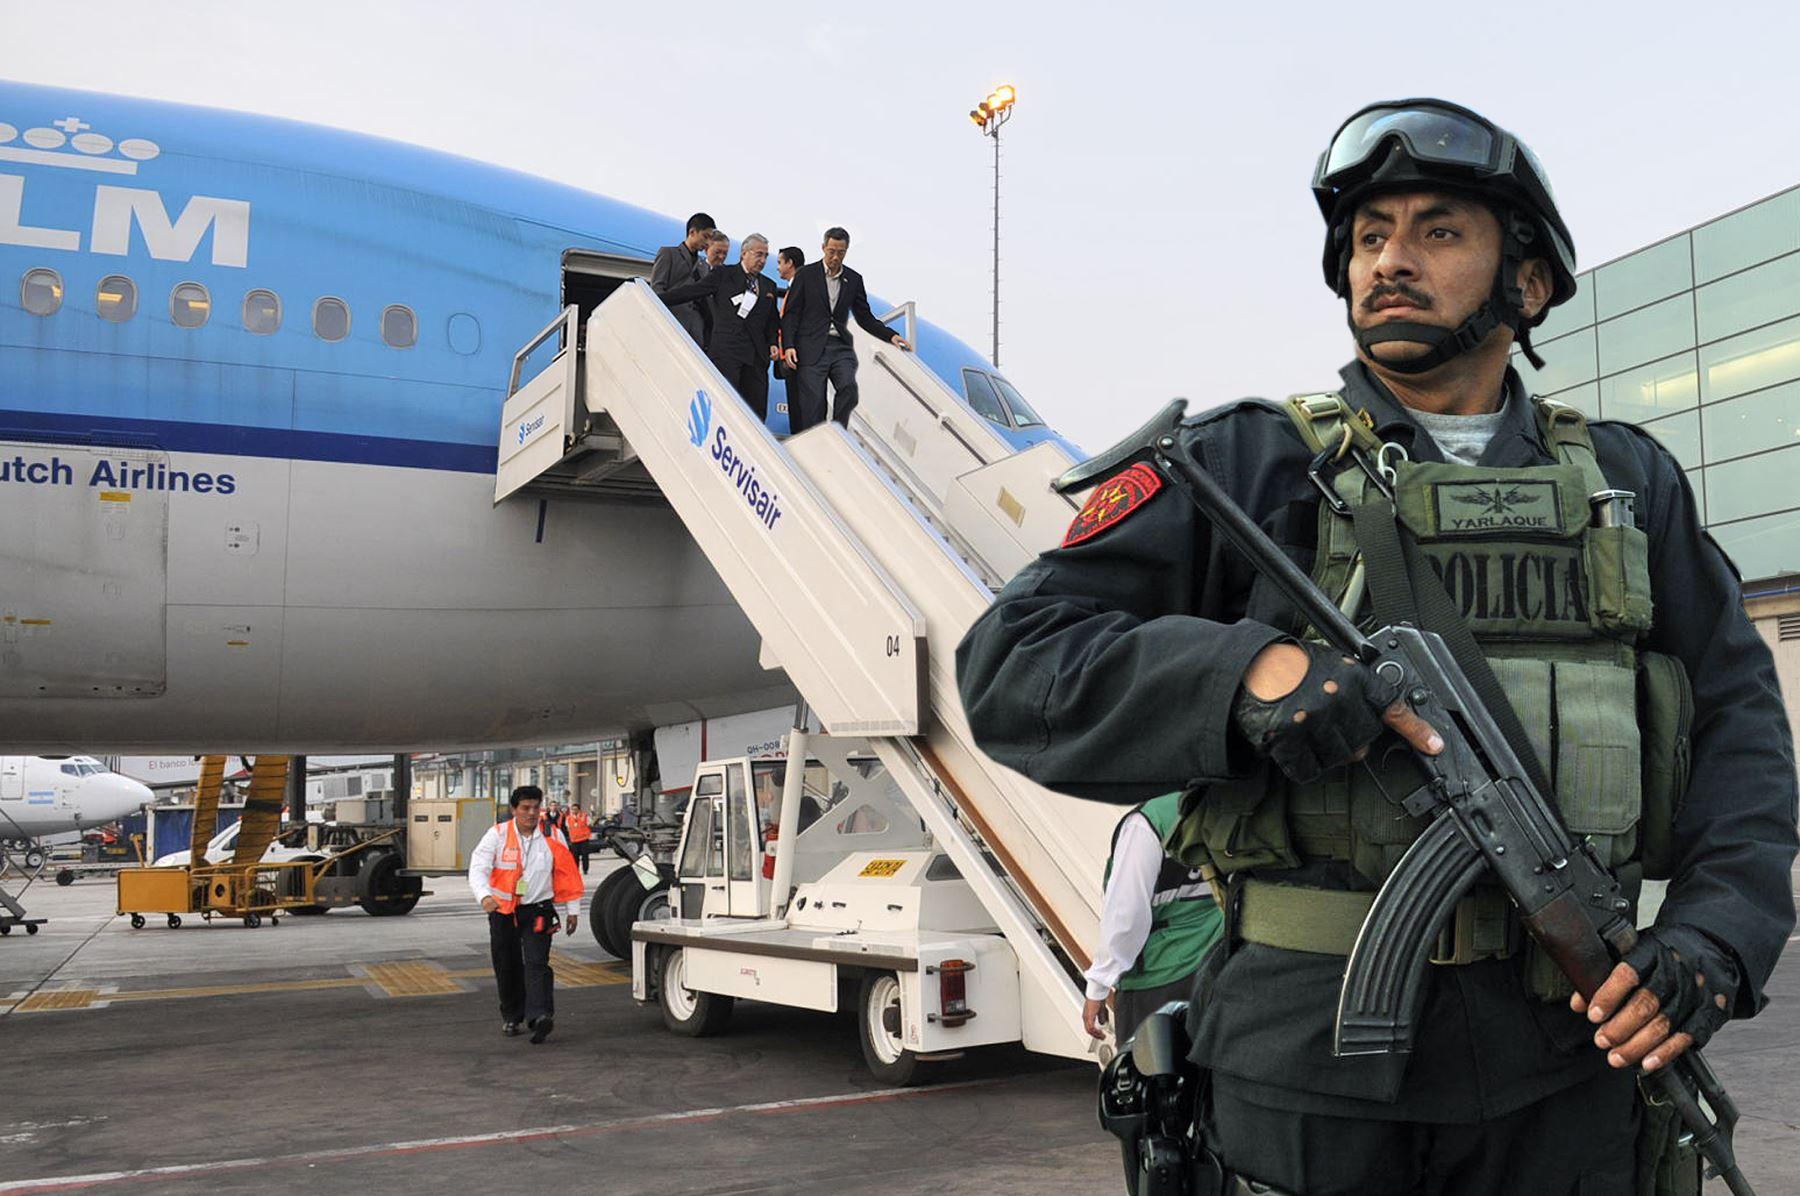 Seguridad y resguardo, listos para la cita de la APEC